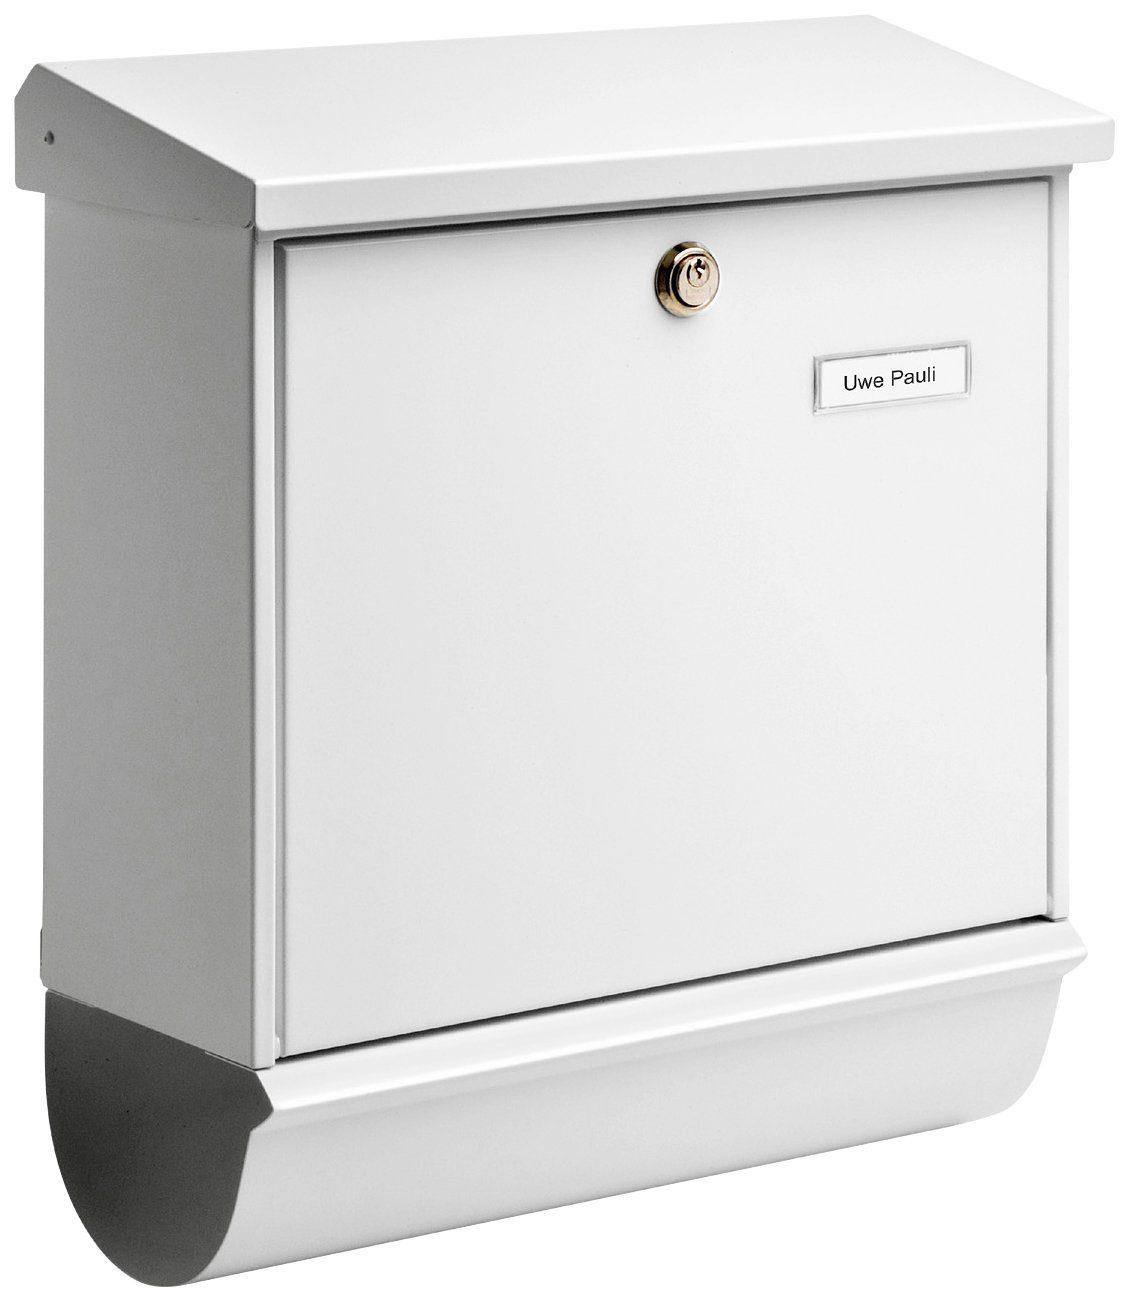 BURG WÄCHTER Briefkasten »Comfort 91300 W«, Stahlblech-Briefkastenset